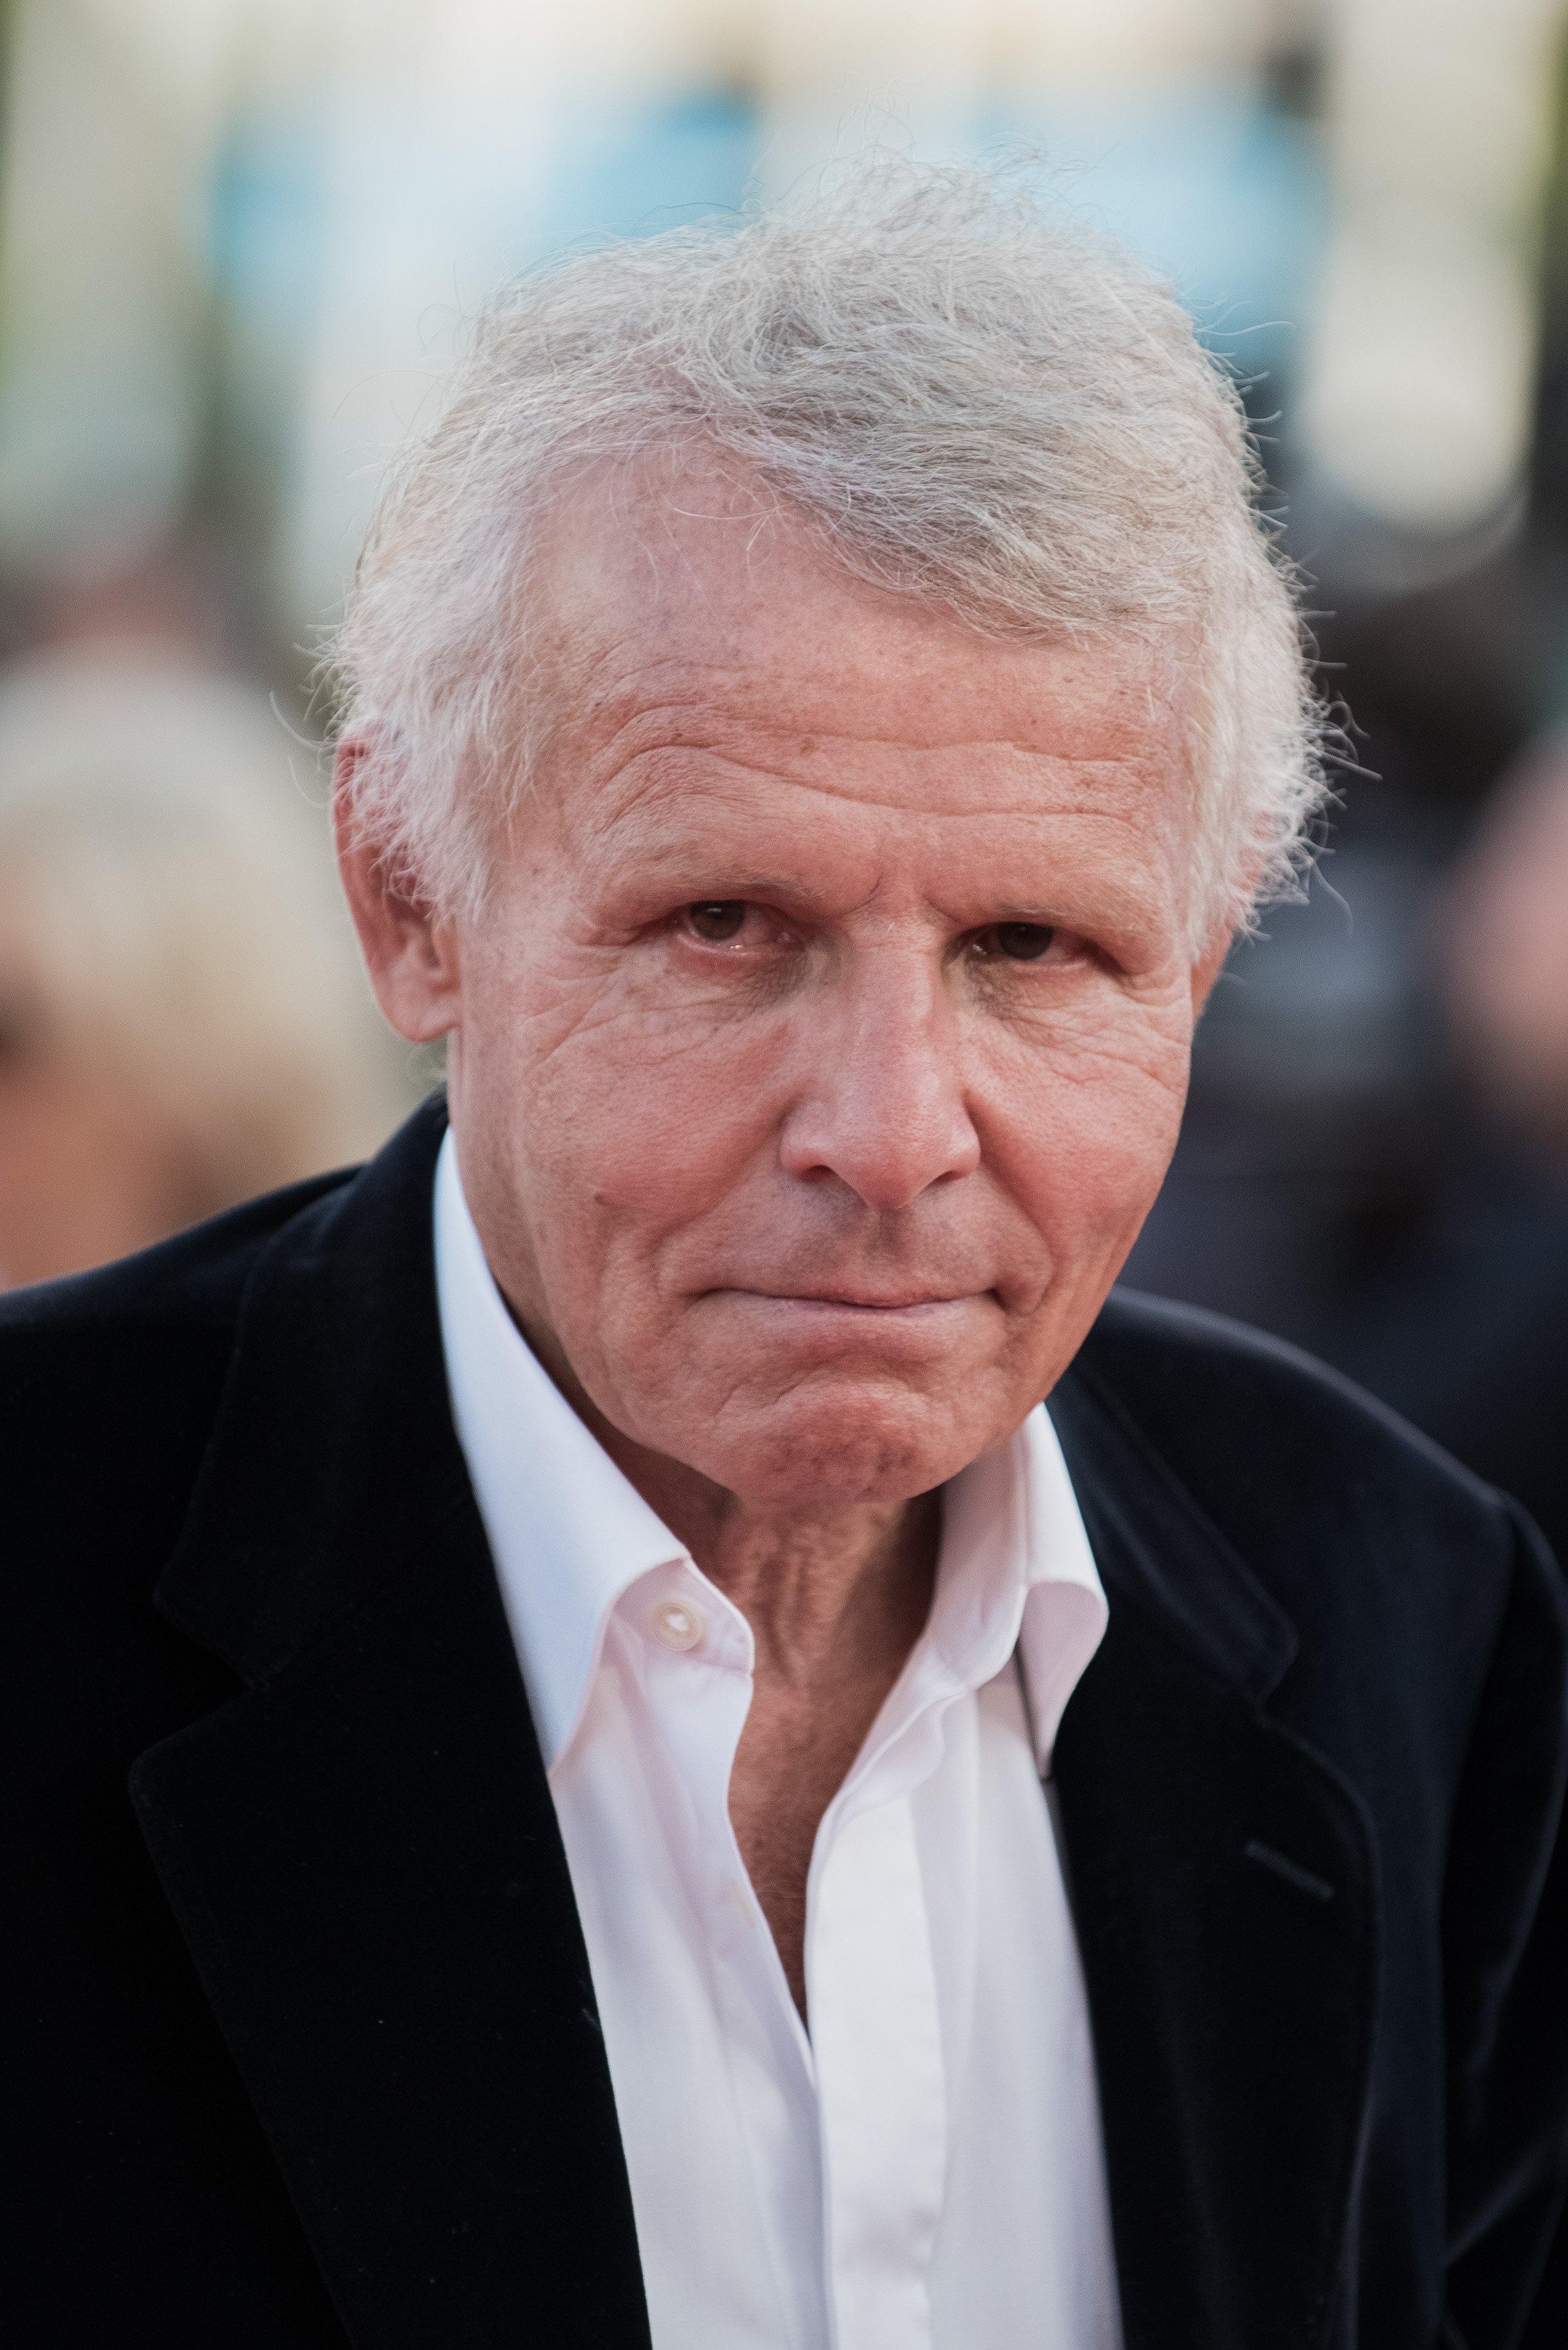 Patrick Poivre d'Arvor lors du 43e festival du film américain à Deauville, France | Photo : Getty Images